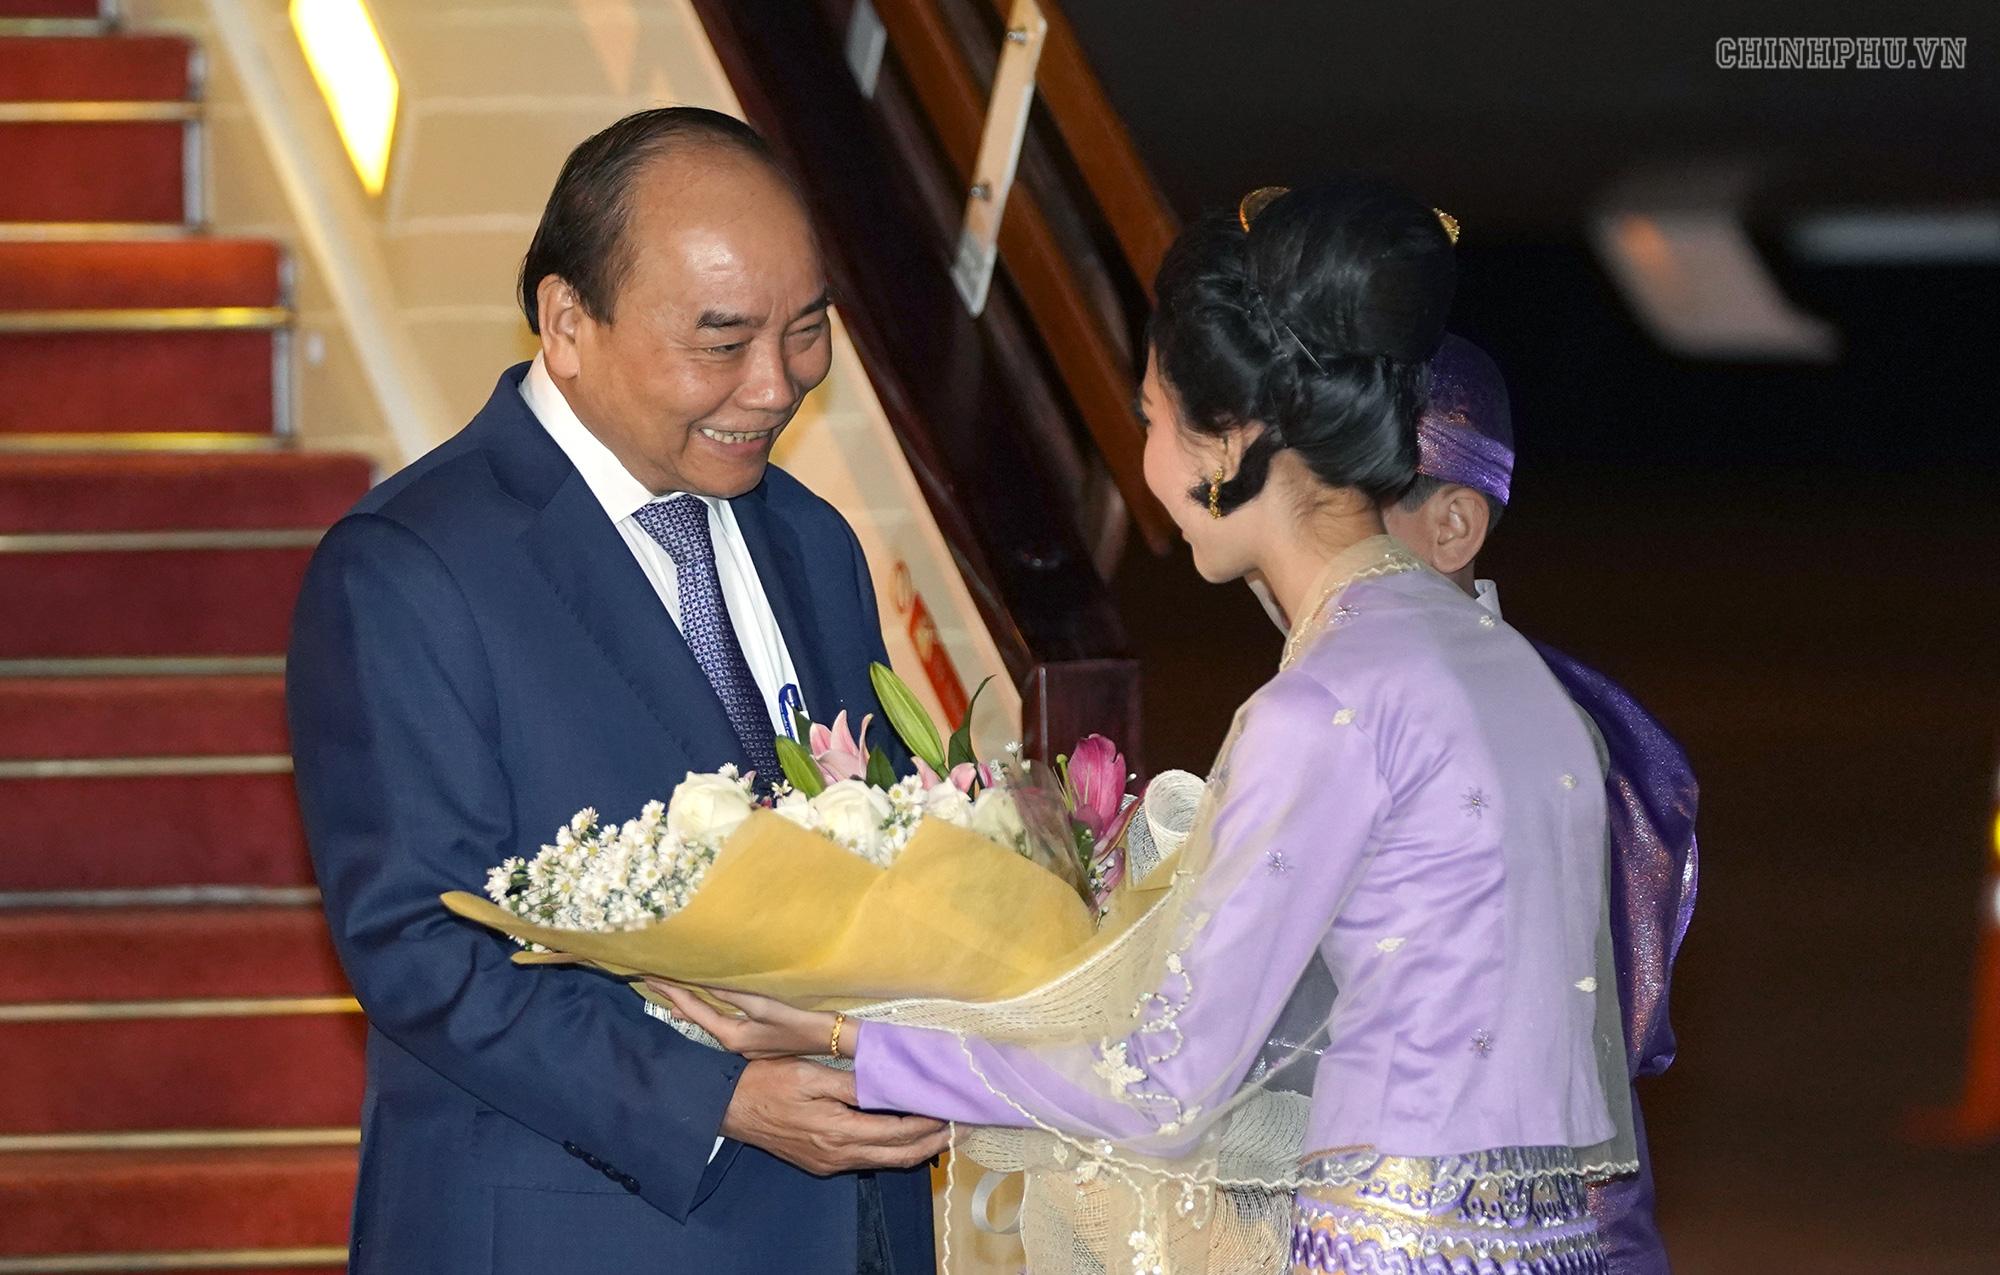 Thủ tướng đến Nay Pyi Taw, bắt đầu thăm chính thức Myanmar - Ảnh 1.